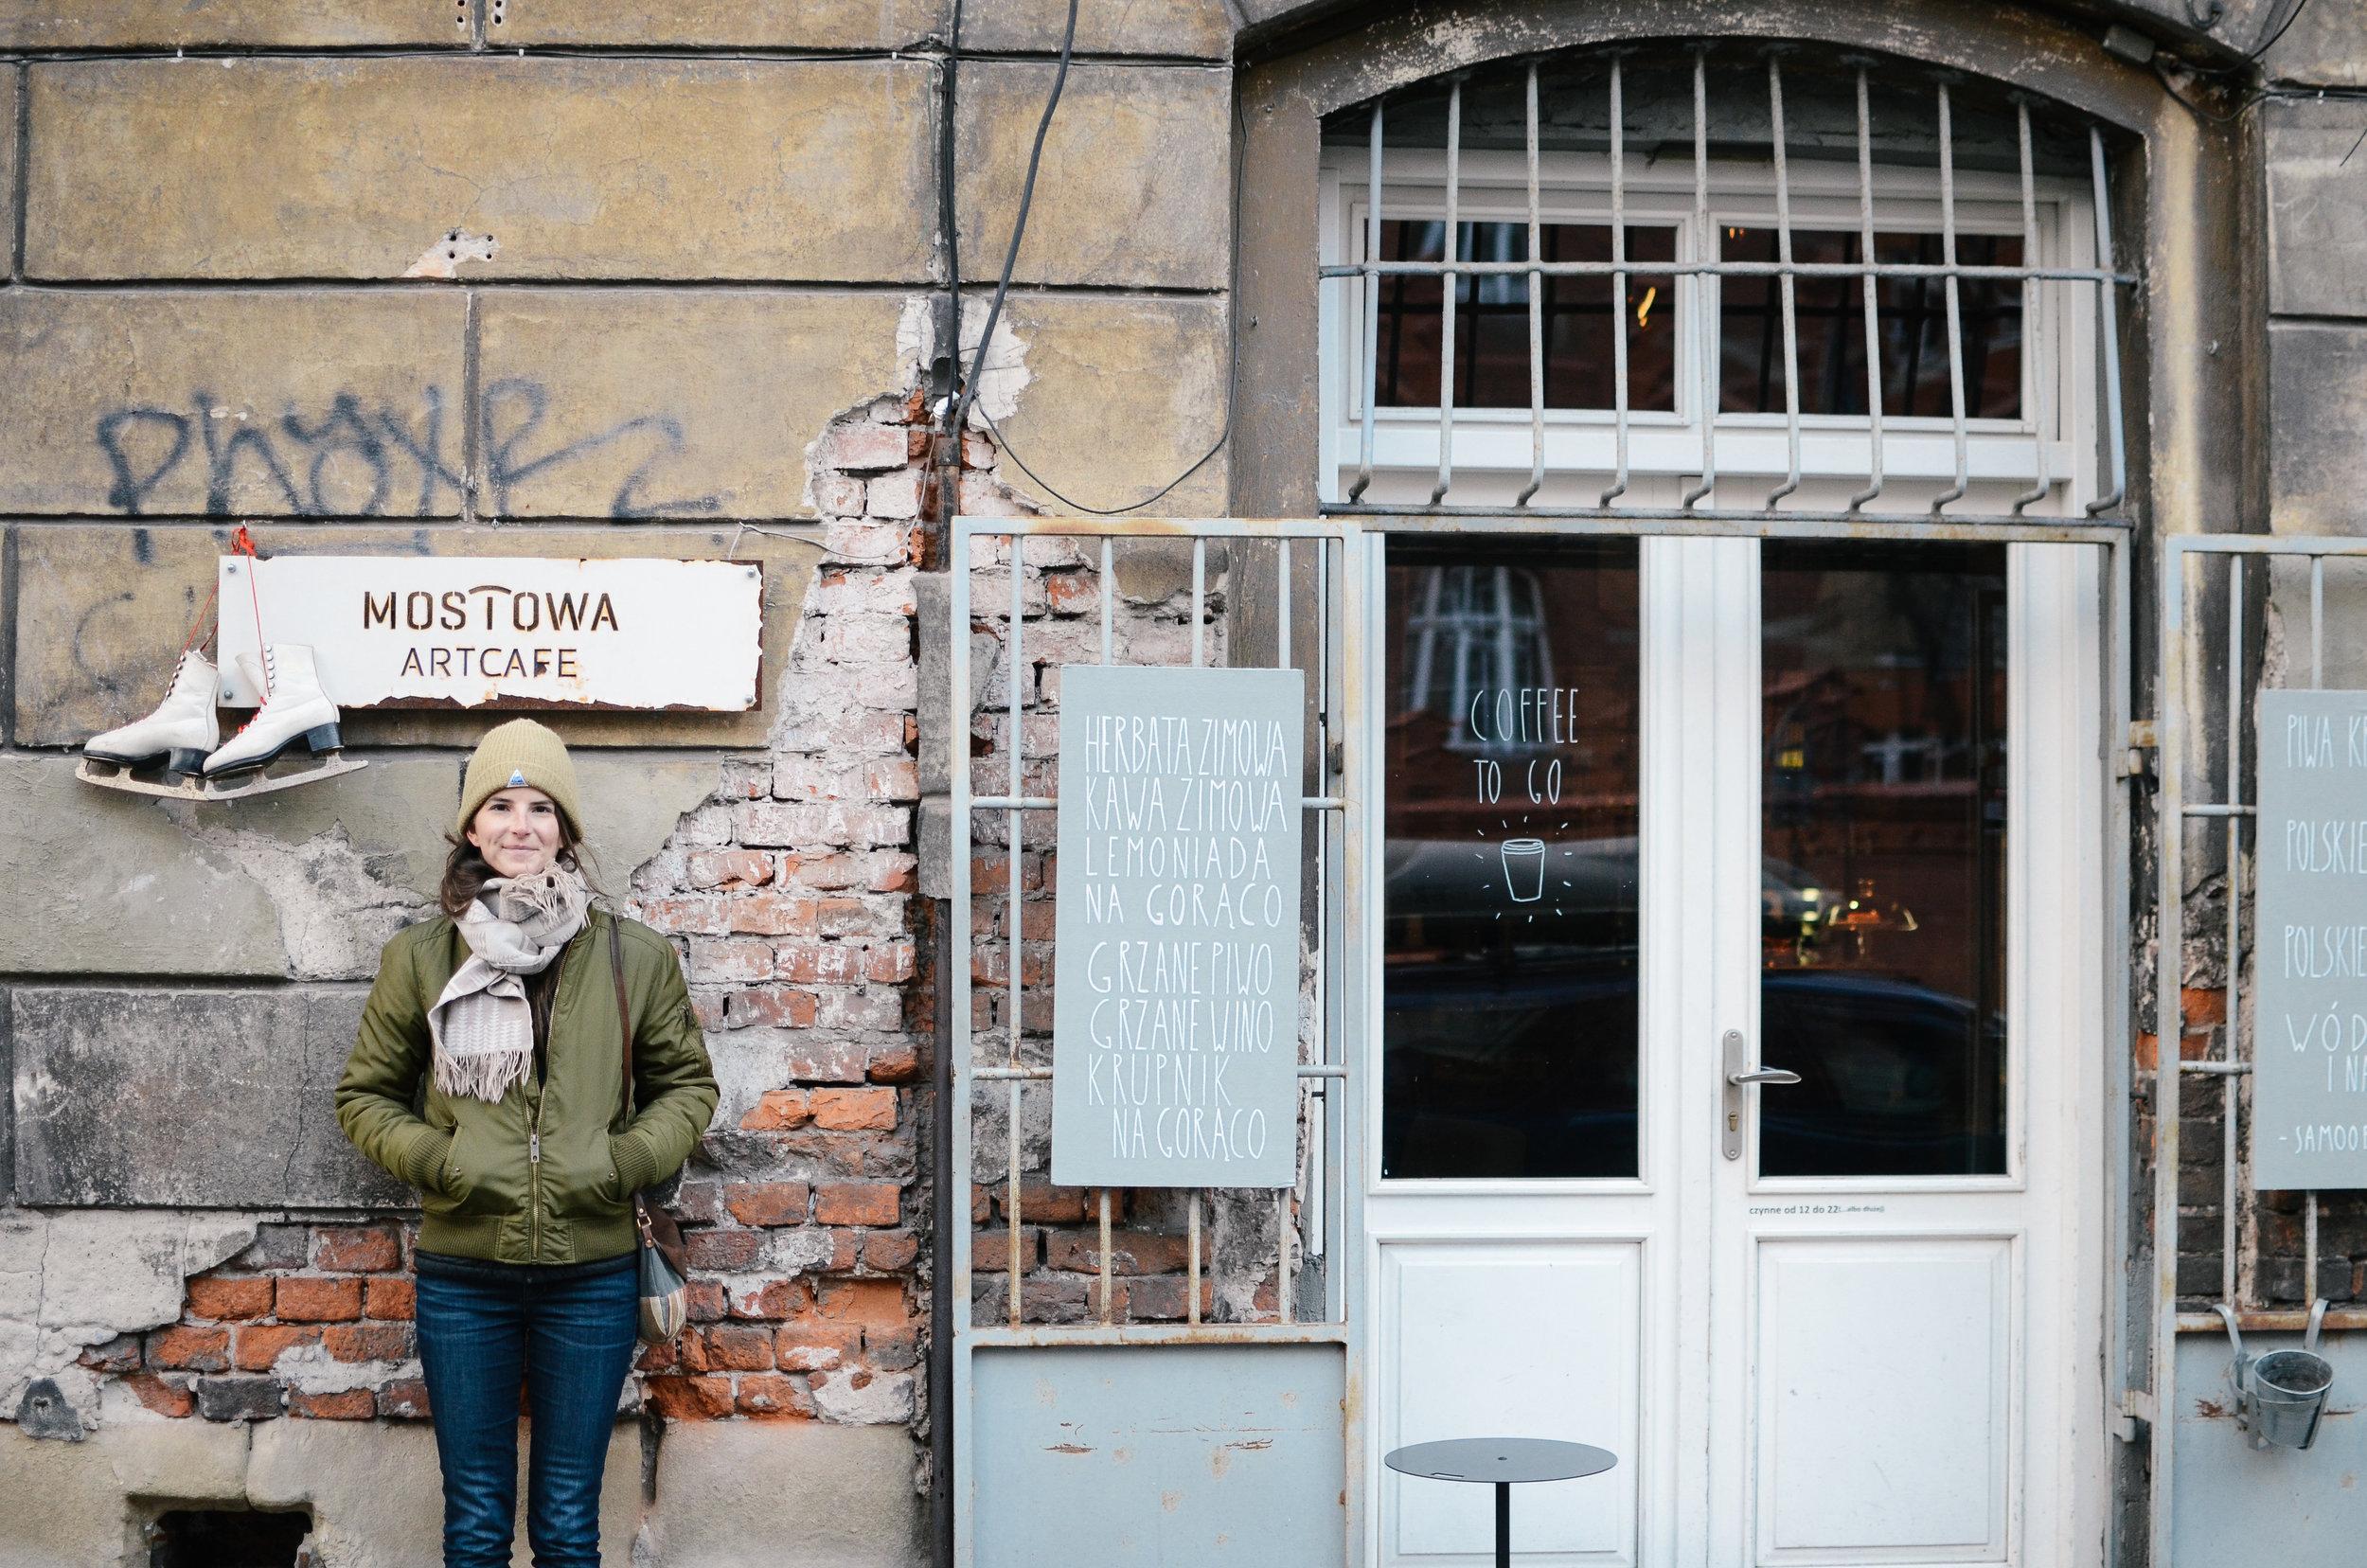 krakow-poland-travel-guide-lifeonpin_DSC_1173.jpg